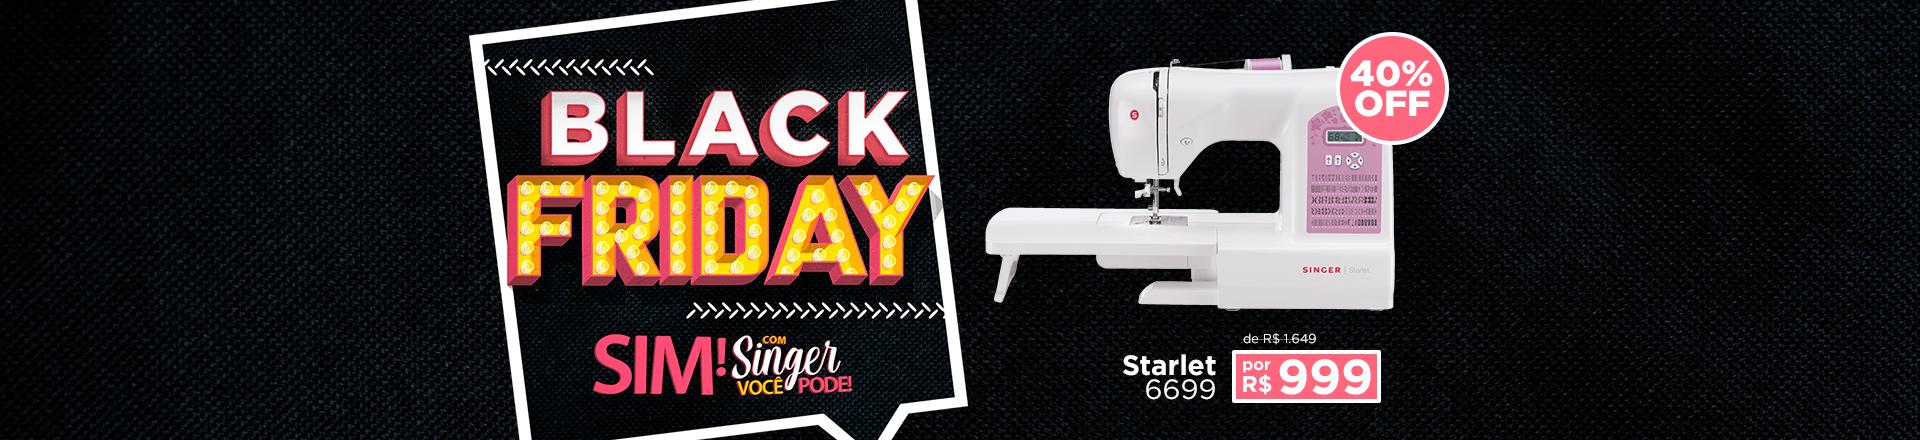 banner-starlet-6699-desk